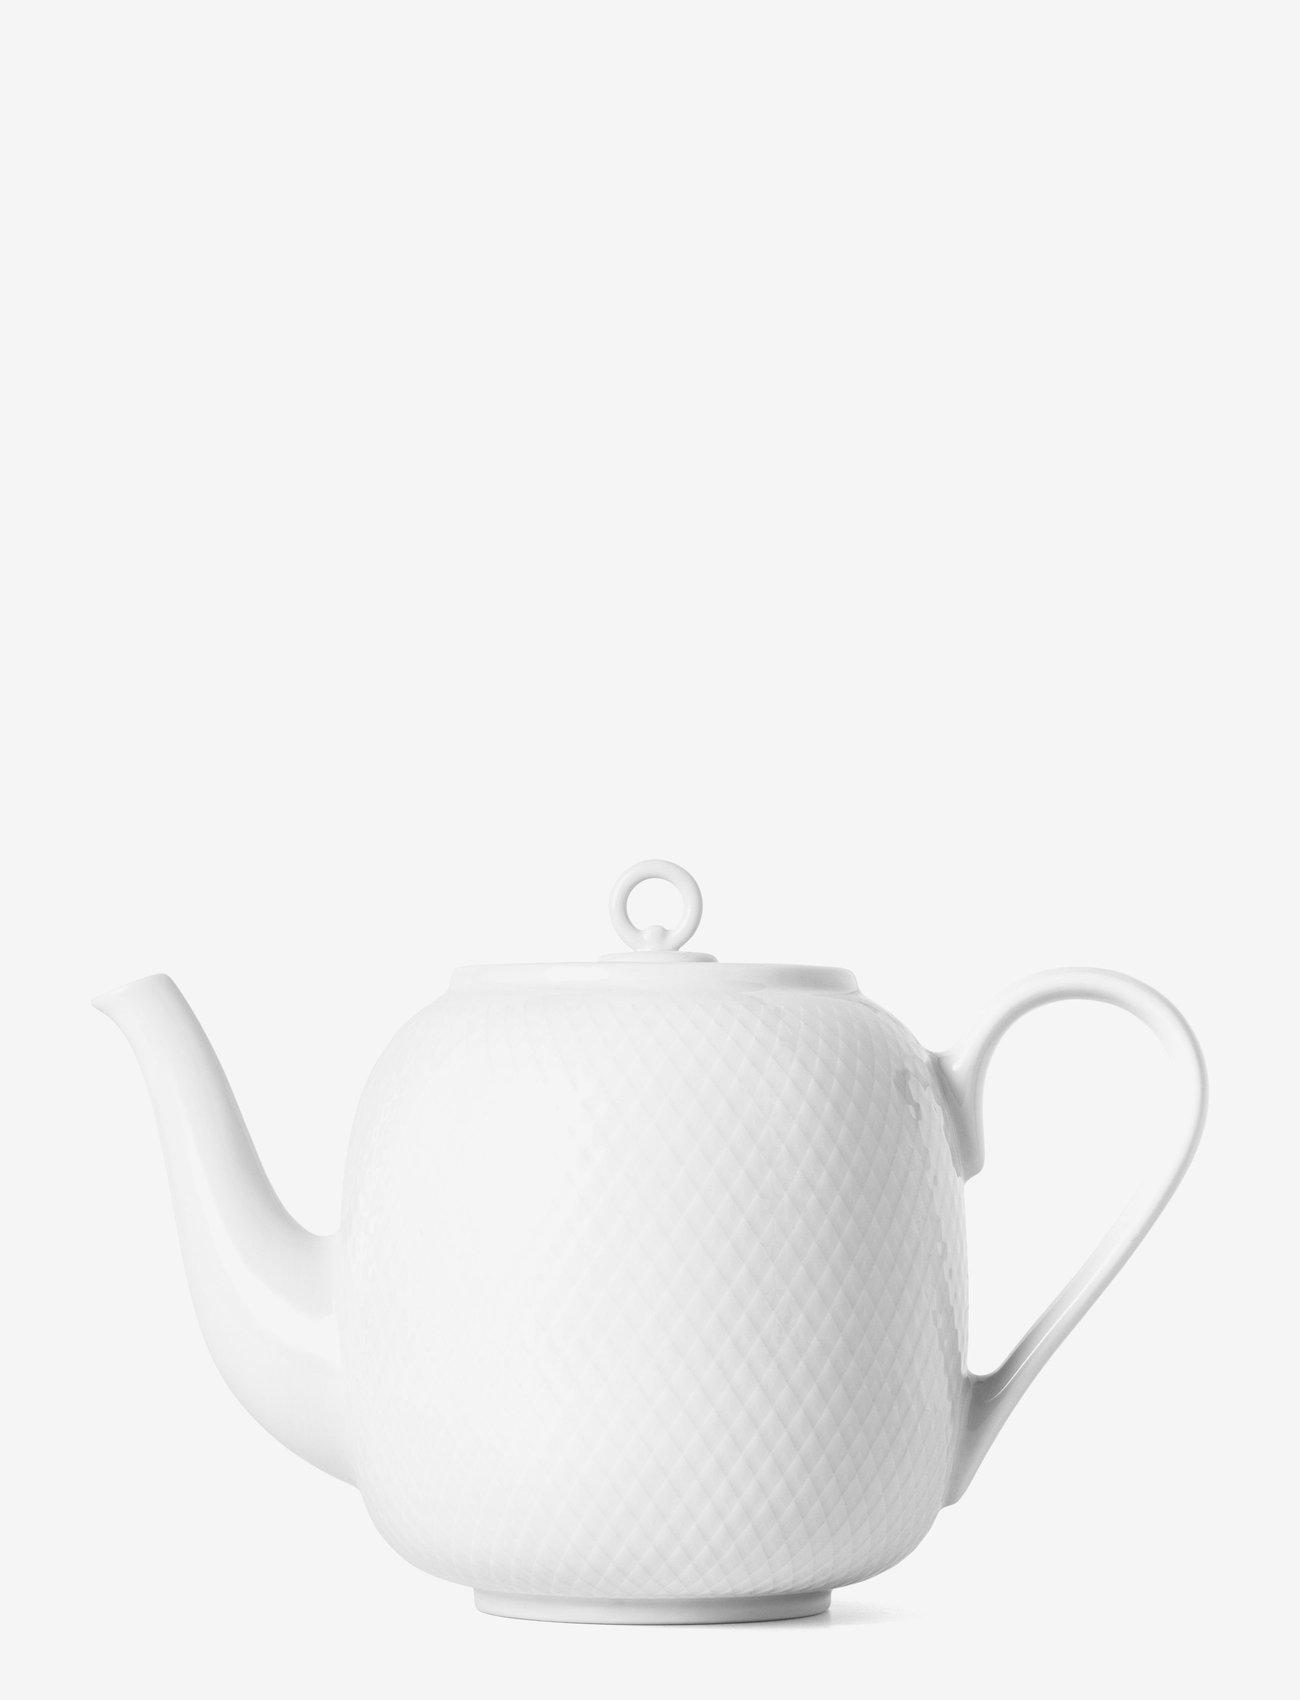 Lyngby Porcelæn - Rhombe Teapot 1,9 l - 100–200€ - white - 0